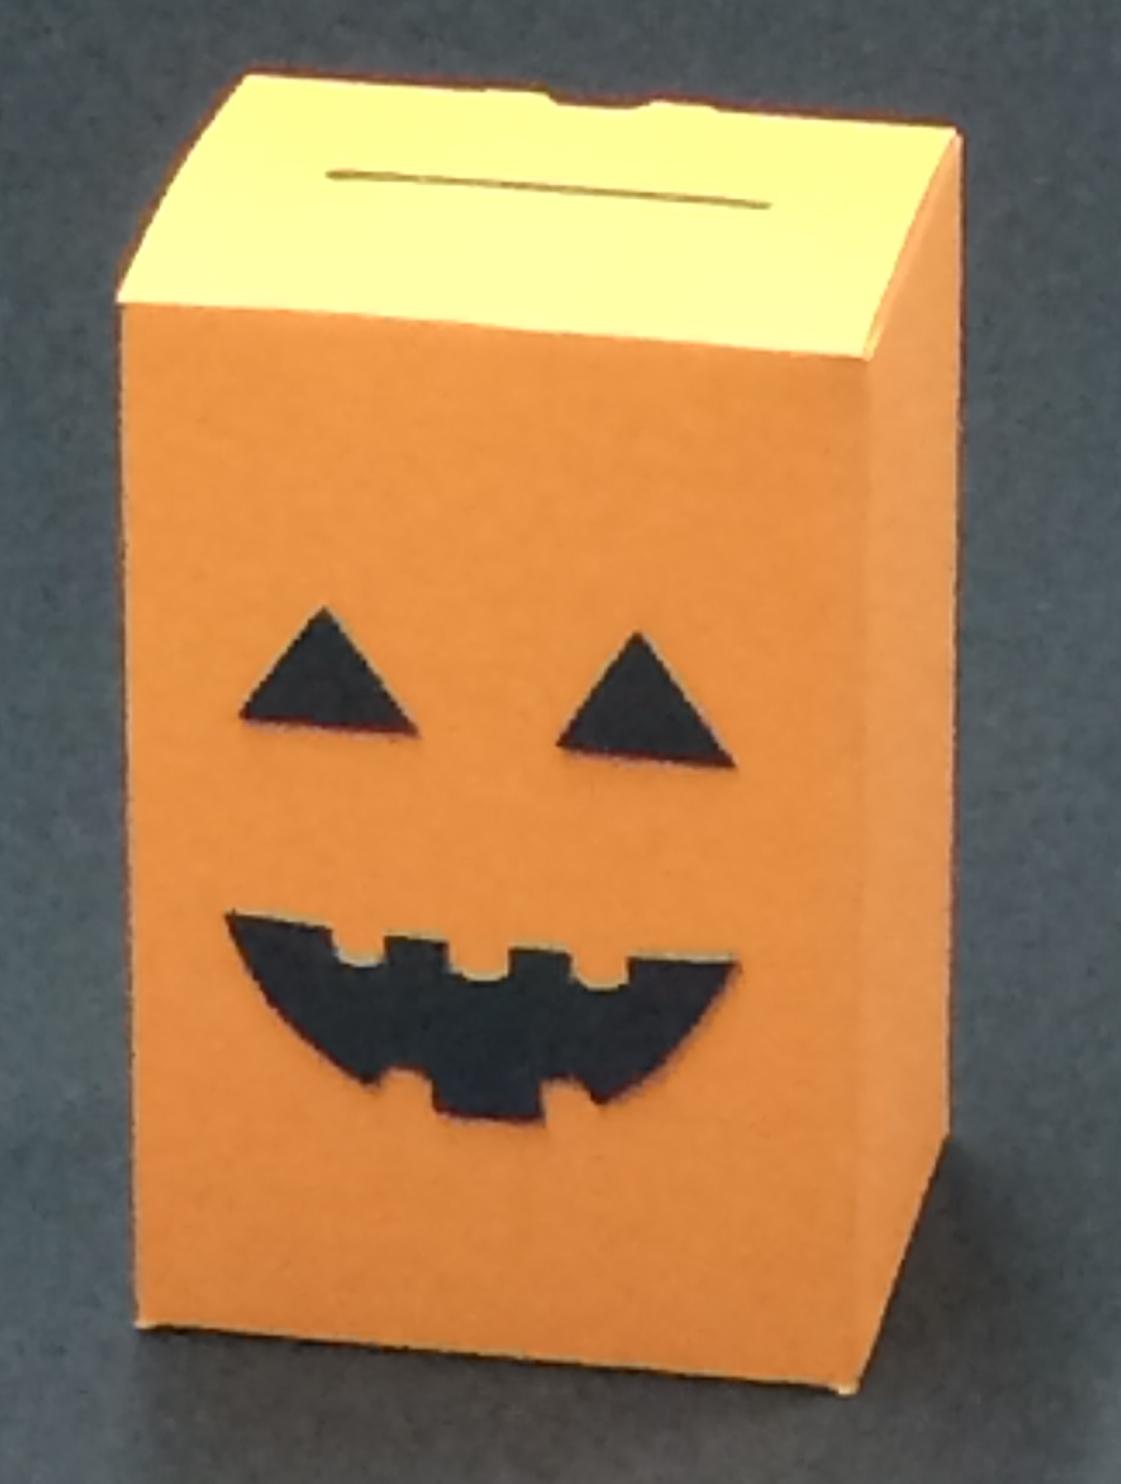 ハロウィン用募金箱